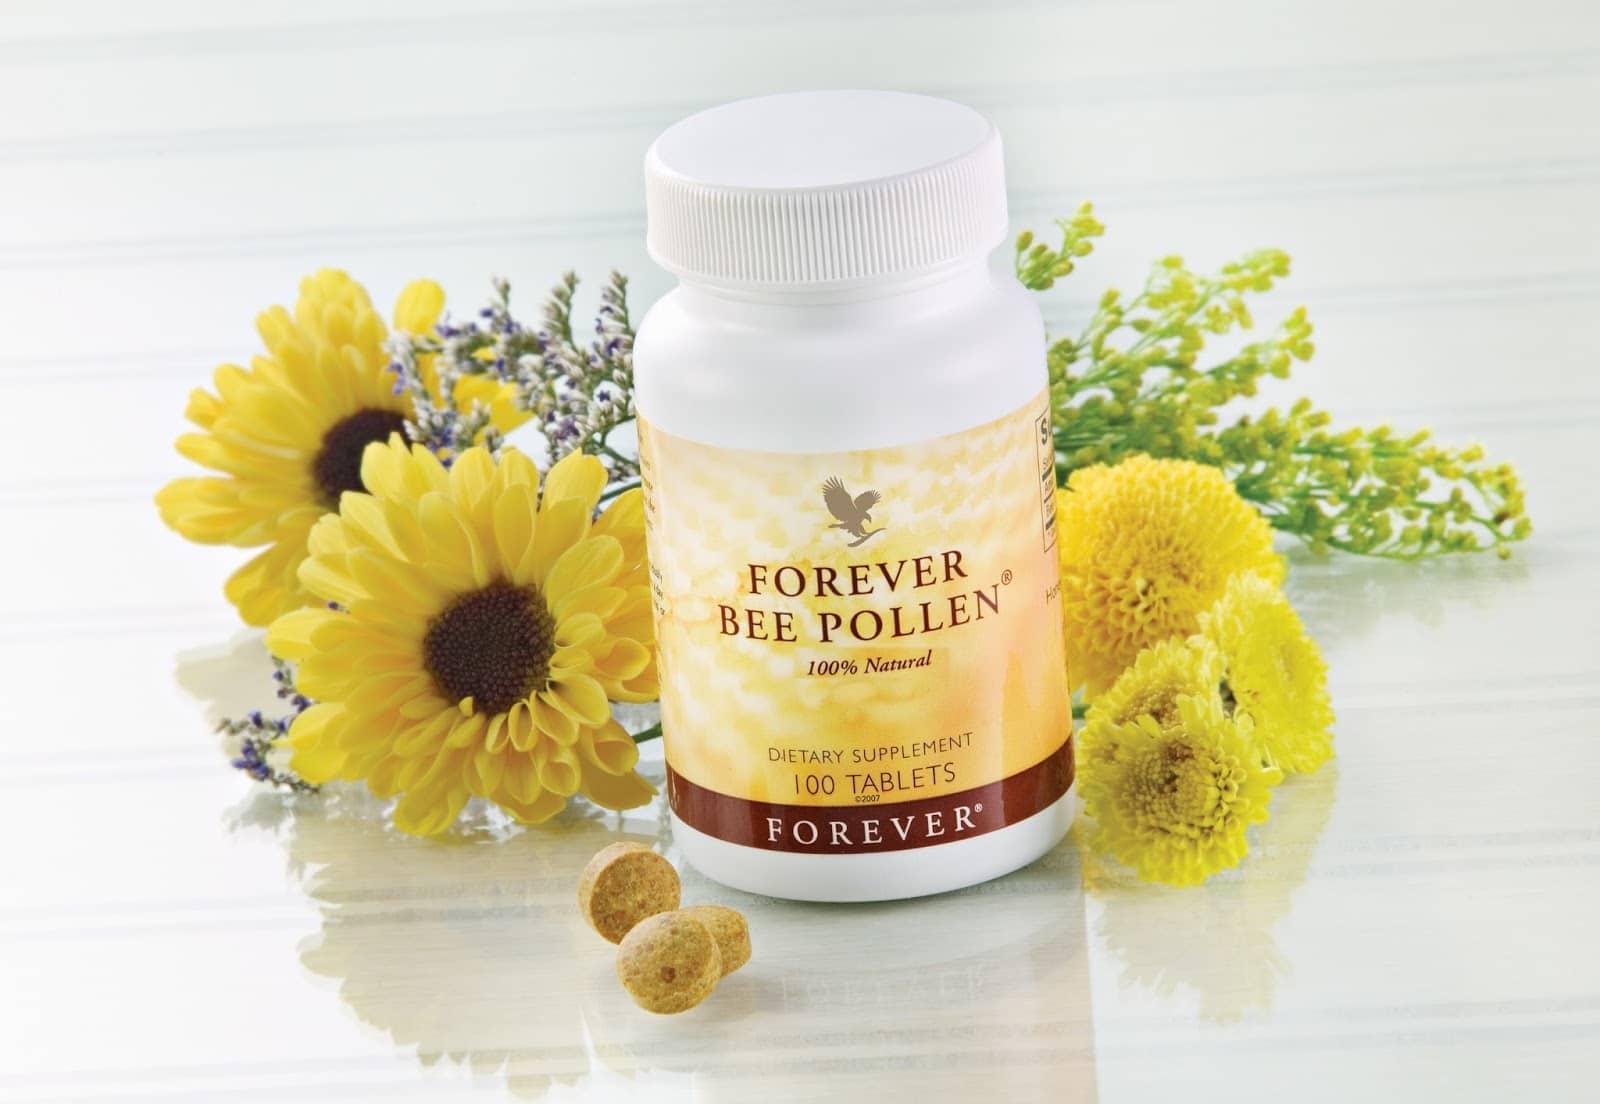 فوريفر بي بولين - Forever Bee Pollen